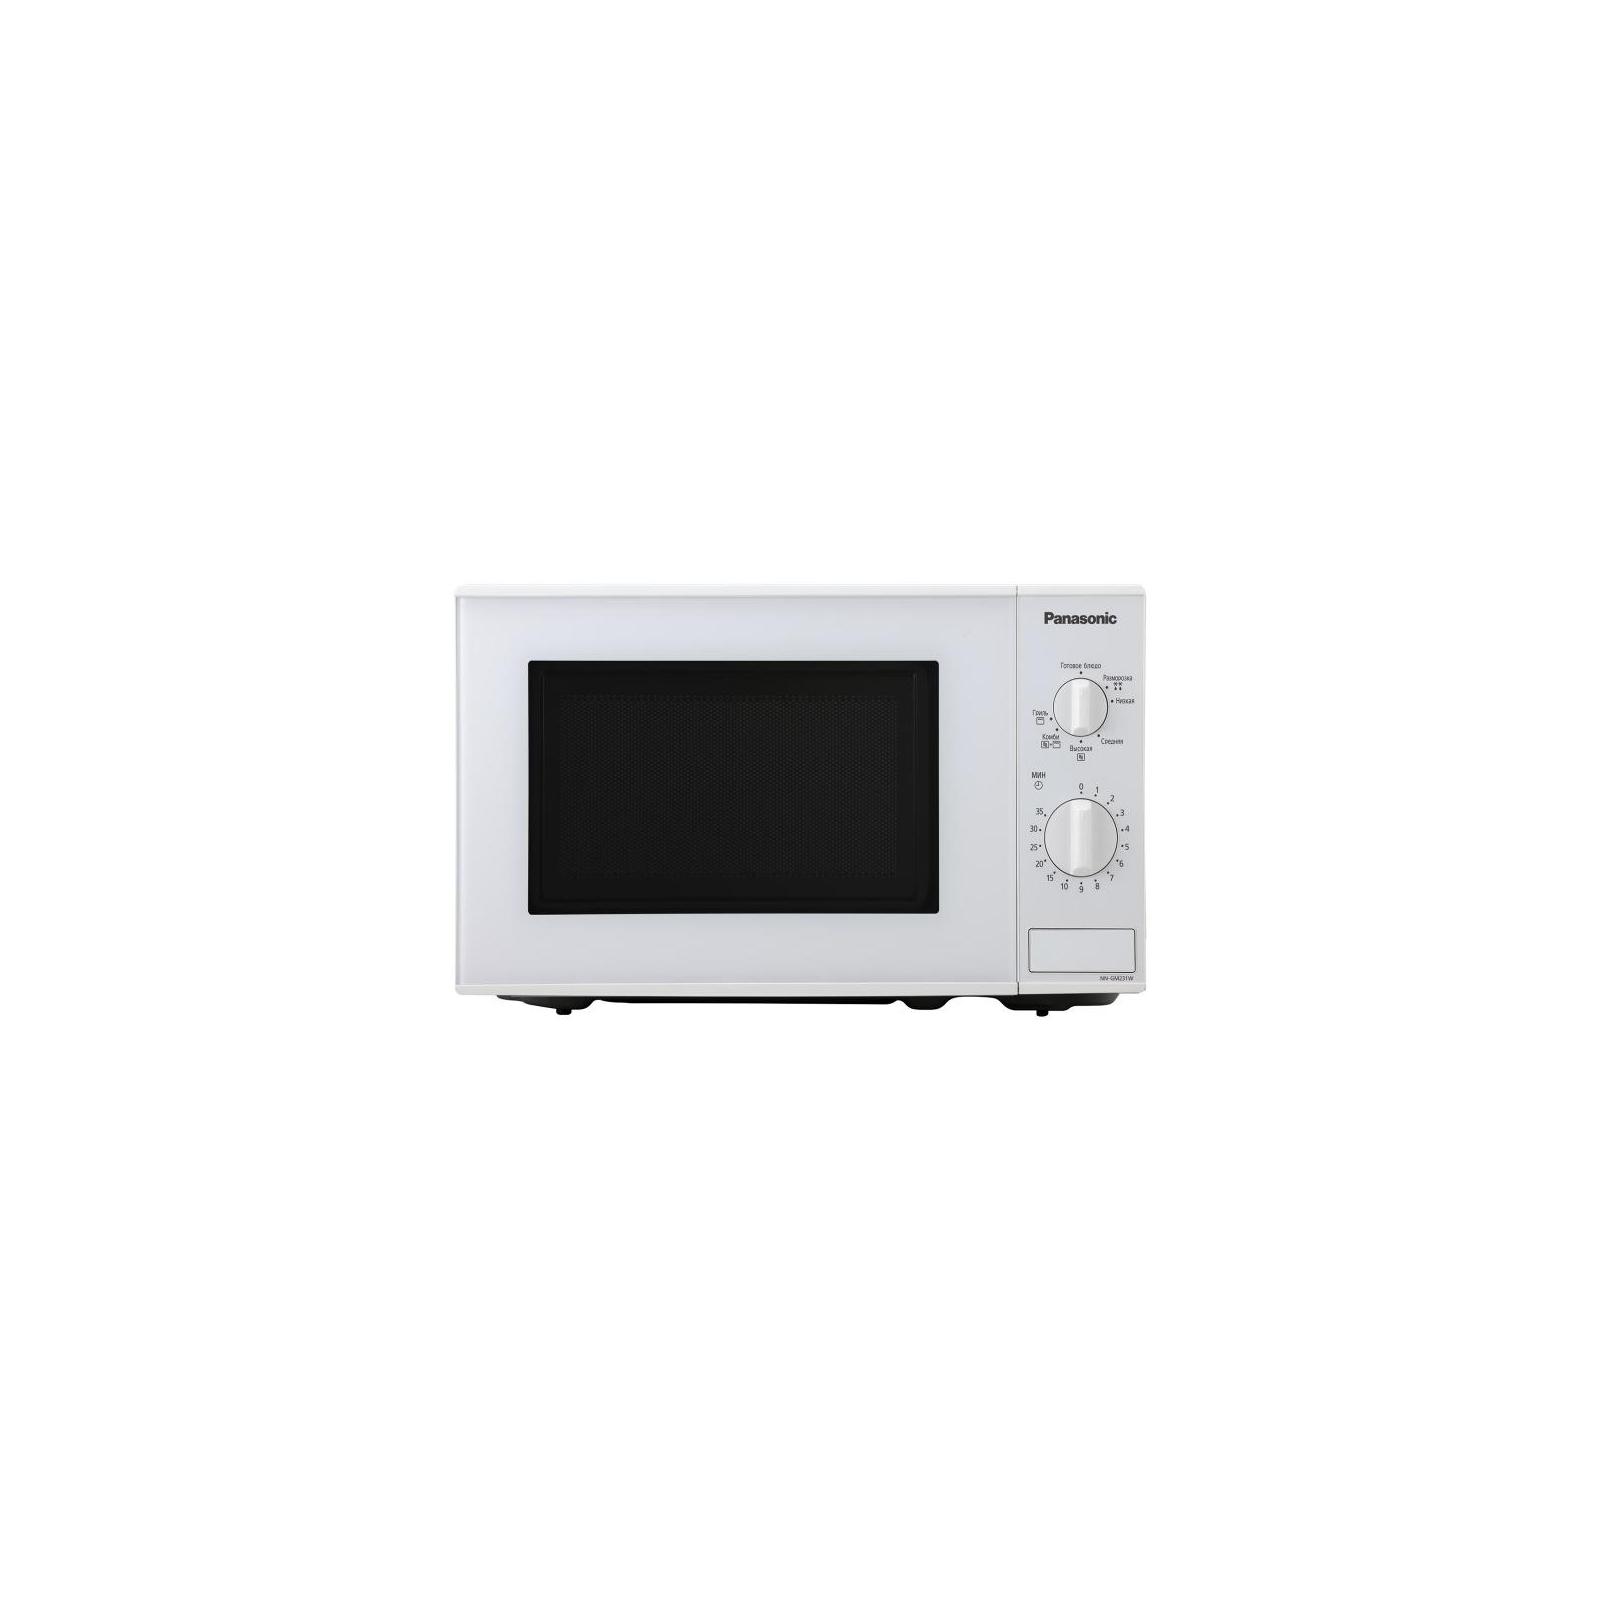 Микроволновая печь PANASONIC NN-SM221WZPE изображение 2